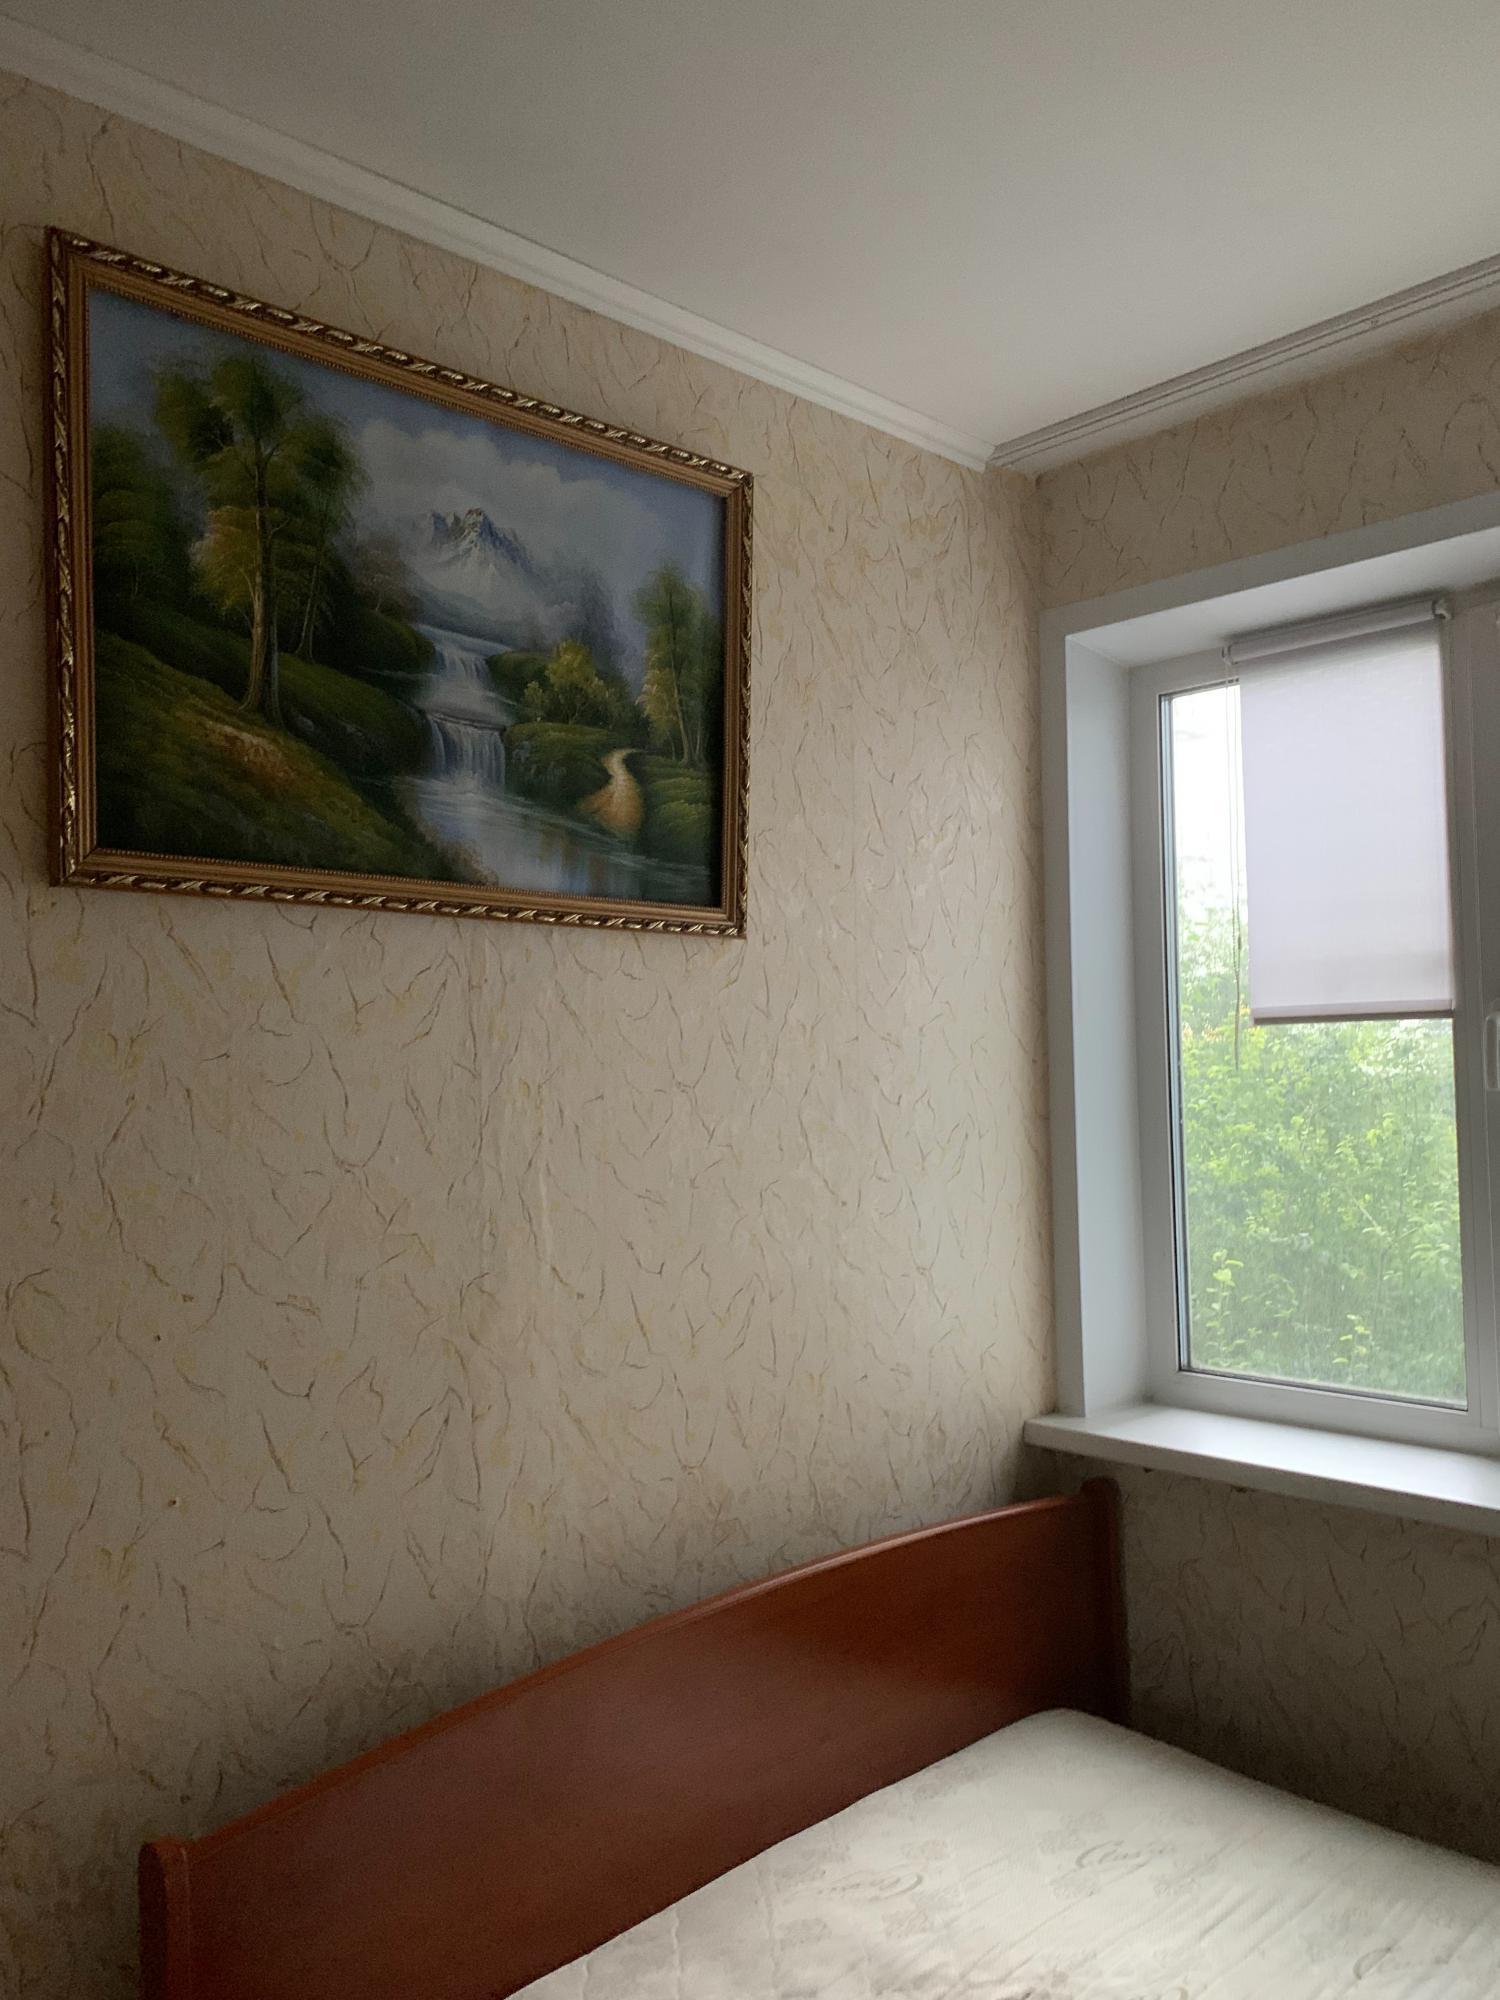 2к квартира улица Вейнбаума, 38 | 18000 | аренда в Красноярске фото 2